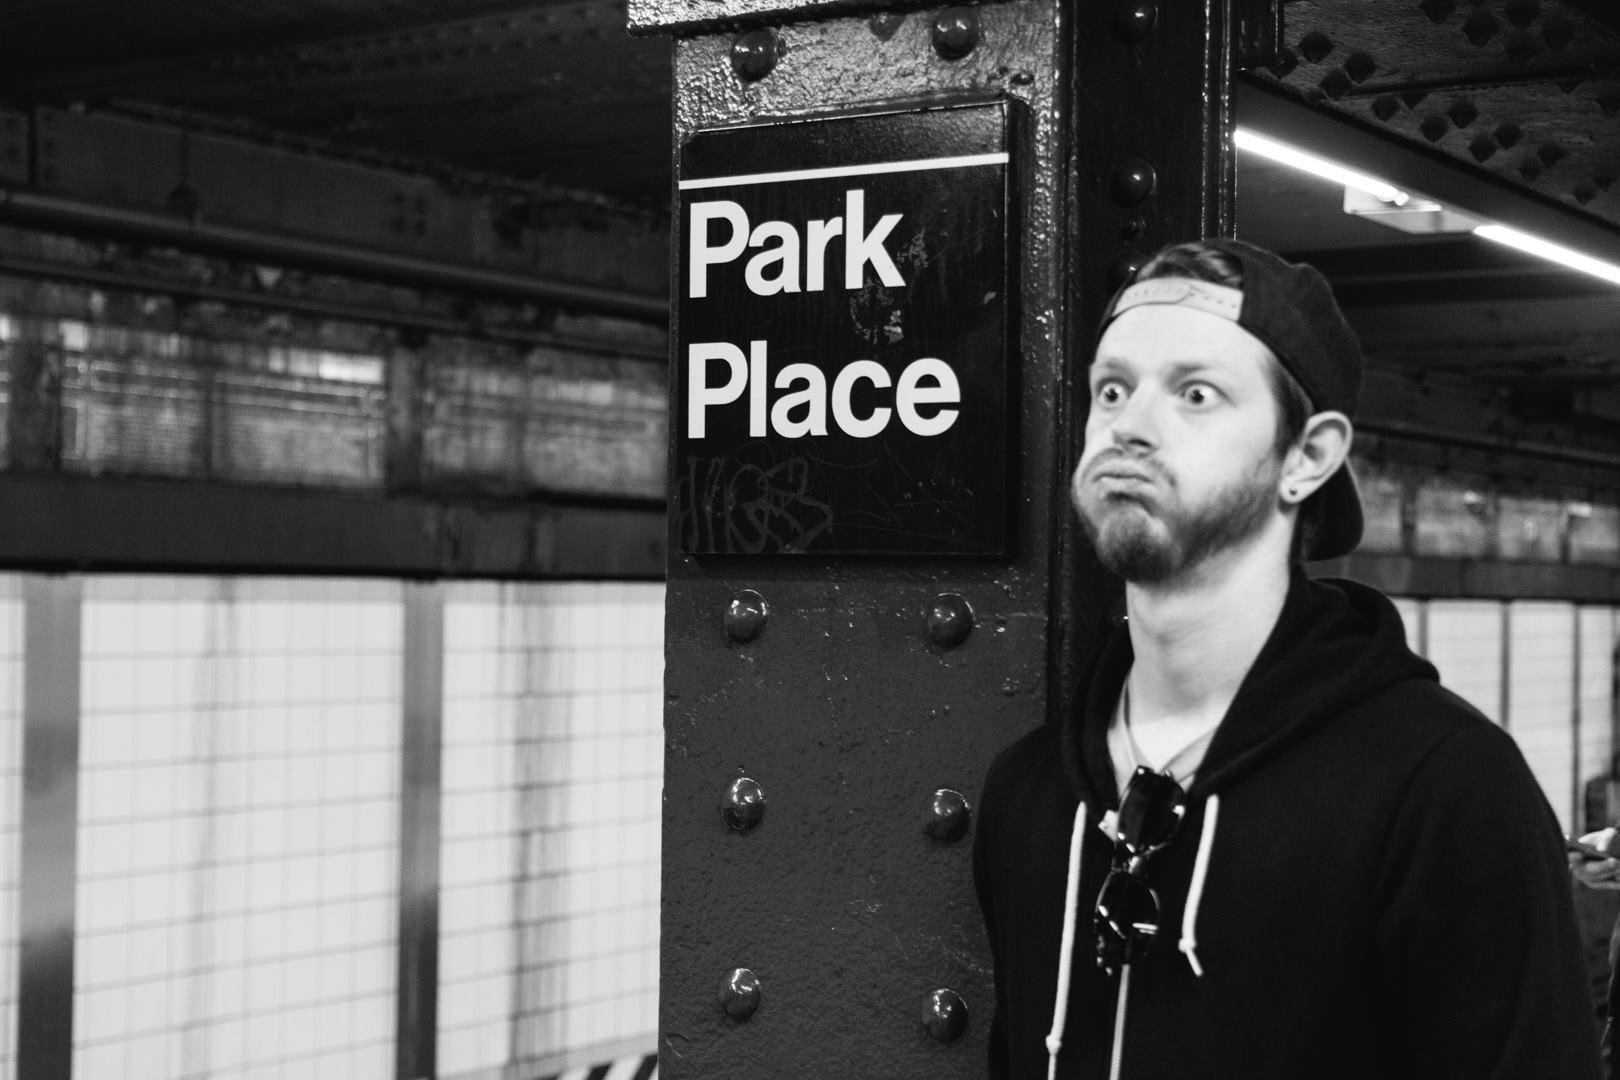 Meet Updater: Justin Rhoades, Backend Engineer